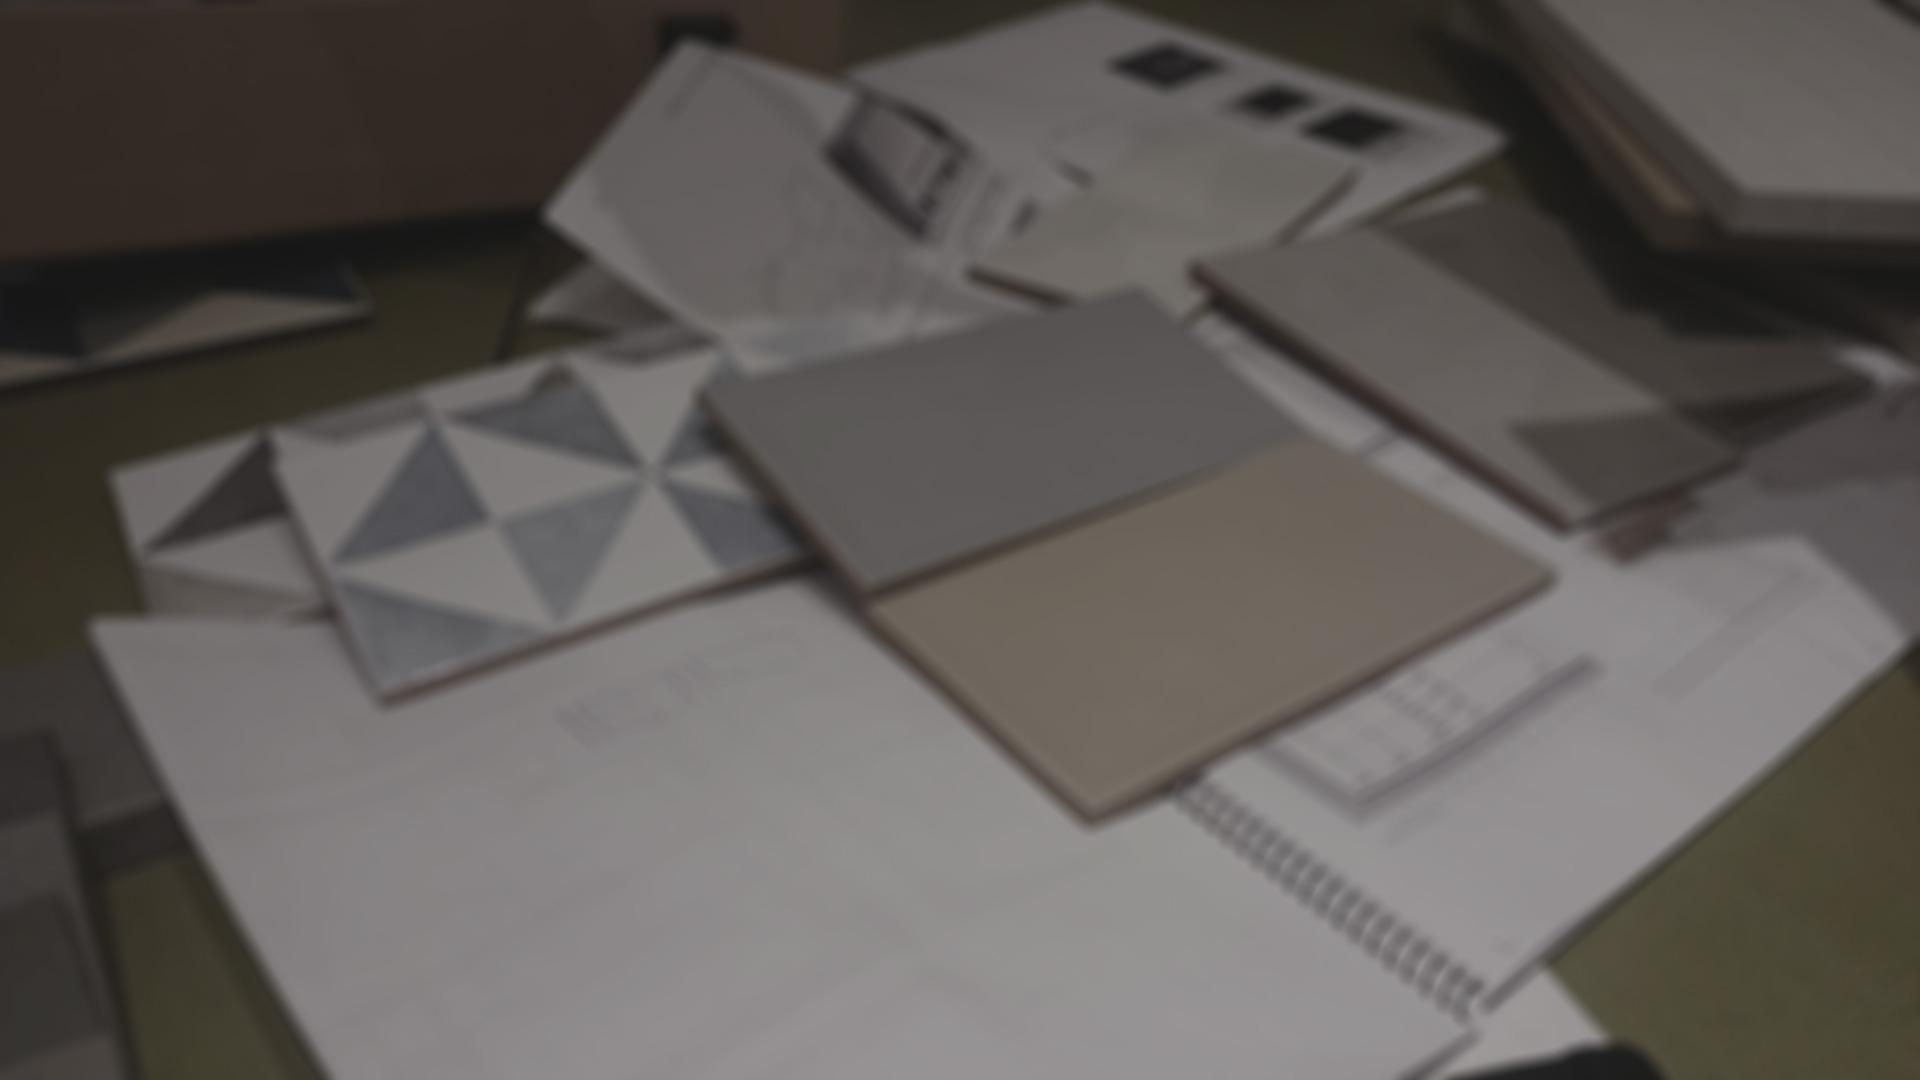 Estudio de arquitectura albacete interiorismo albacete - Estudios arquitectura murcia ...